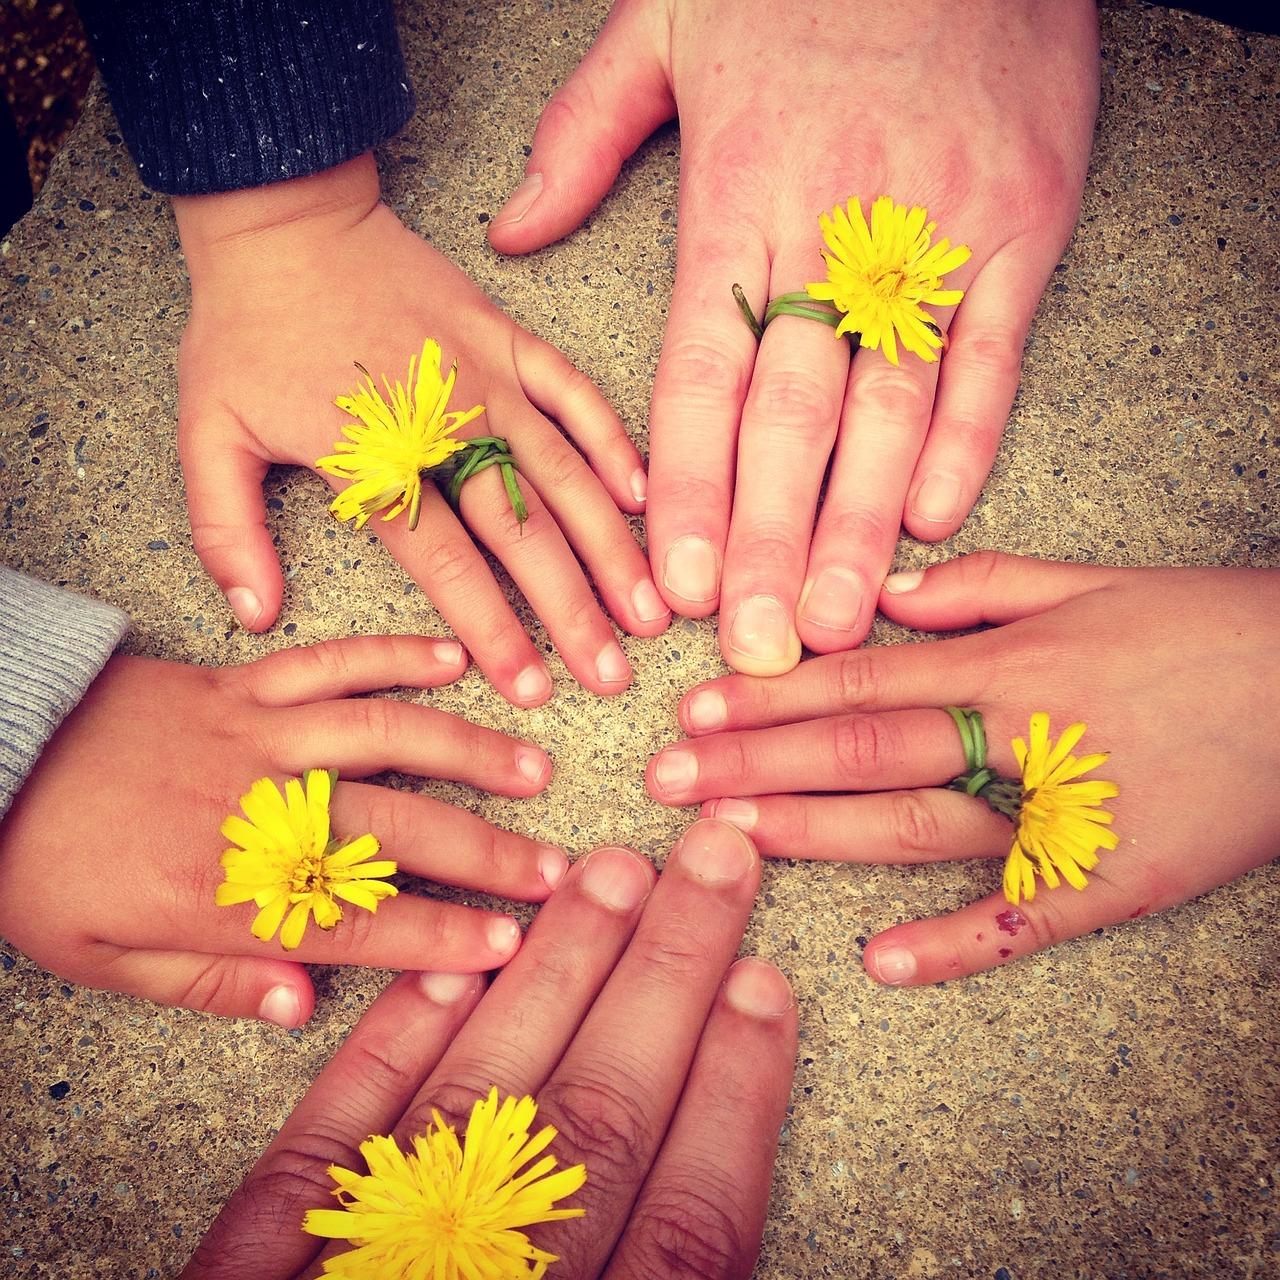 family-hand-1636615_1280.jpg